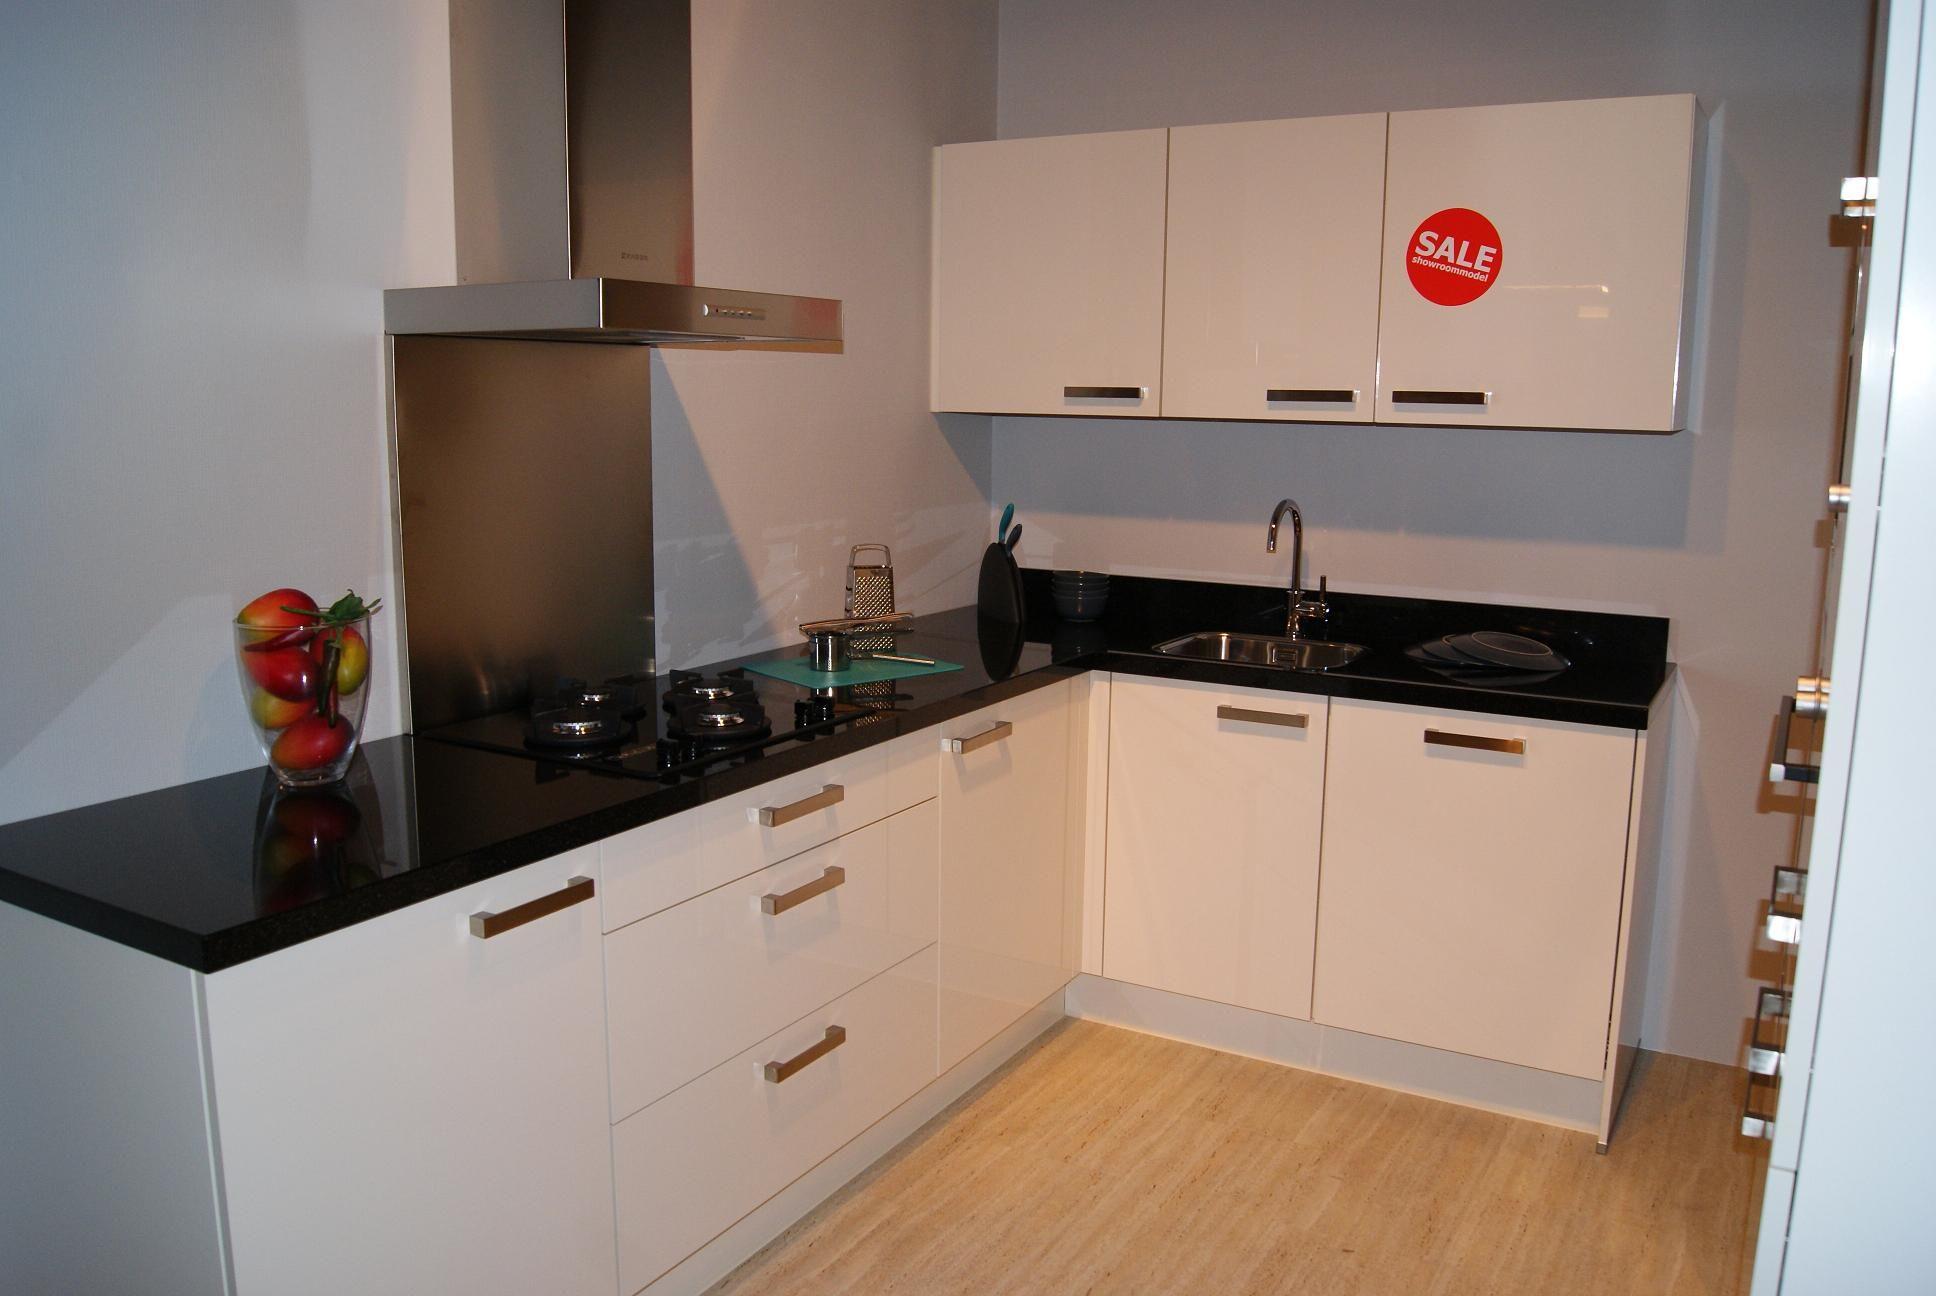 Showroomkeukens alle showroomkeuken aanbiedingen uit nederland keukens voor zeer lage keuken - Werkblad graniet prijzen keuken ...